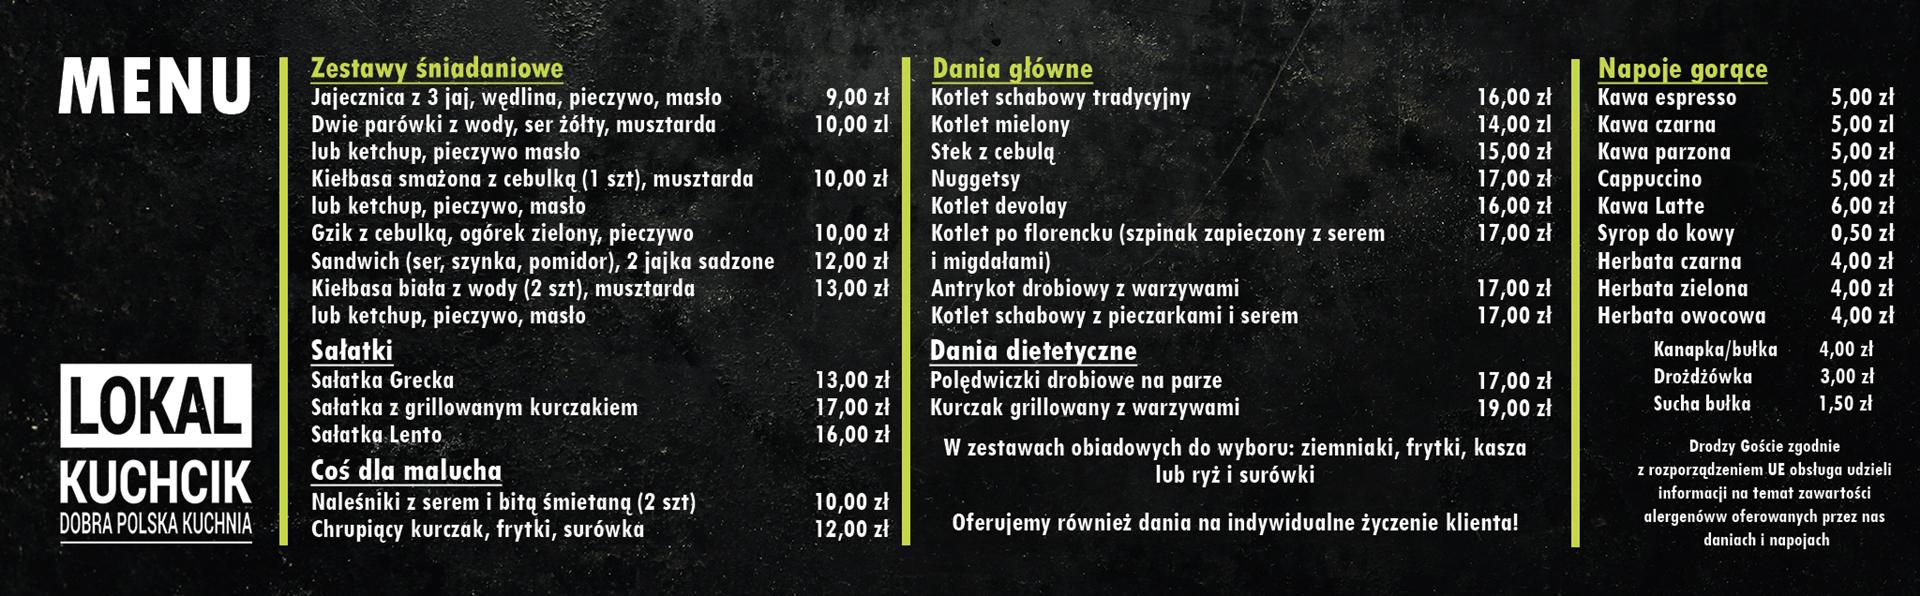 menu Lokal Kuchcik